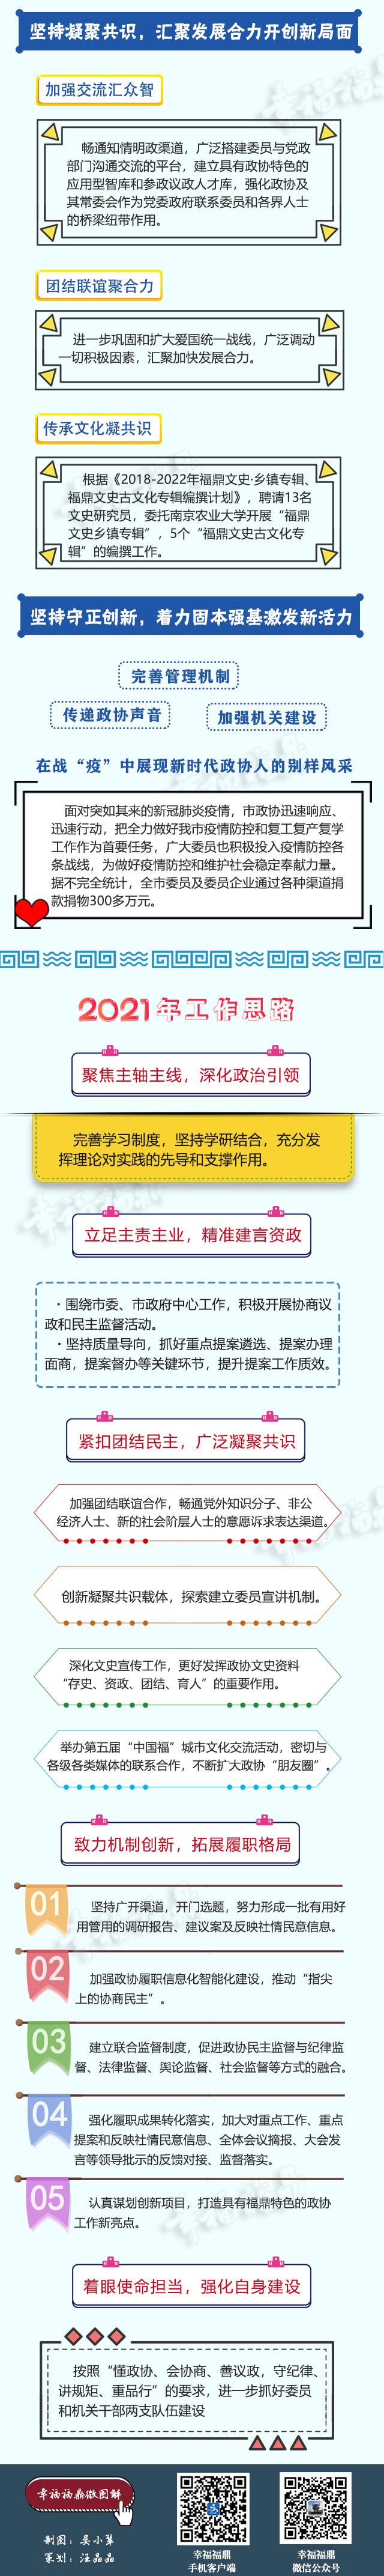 微信图片_20201229121459.jpg